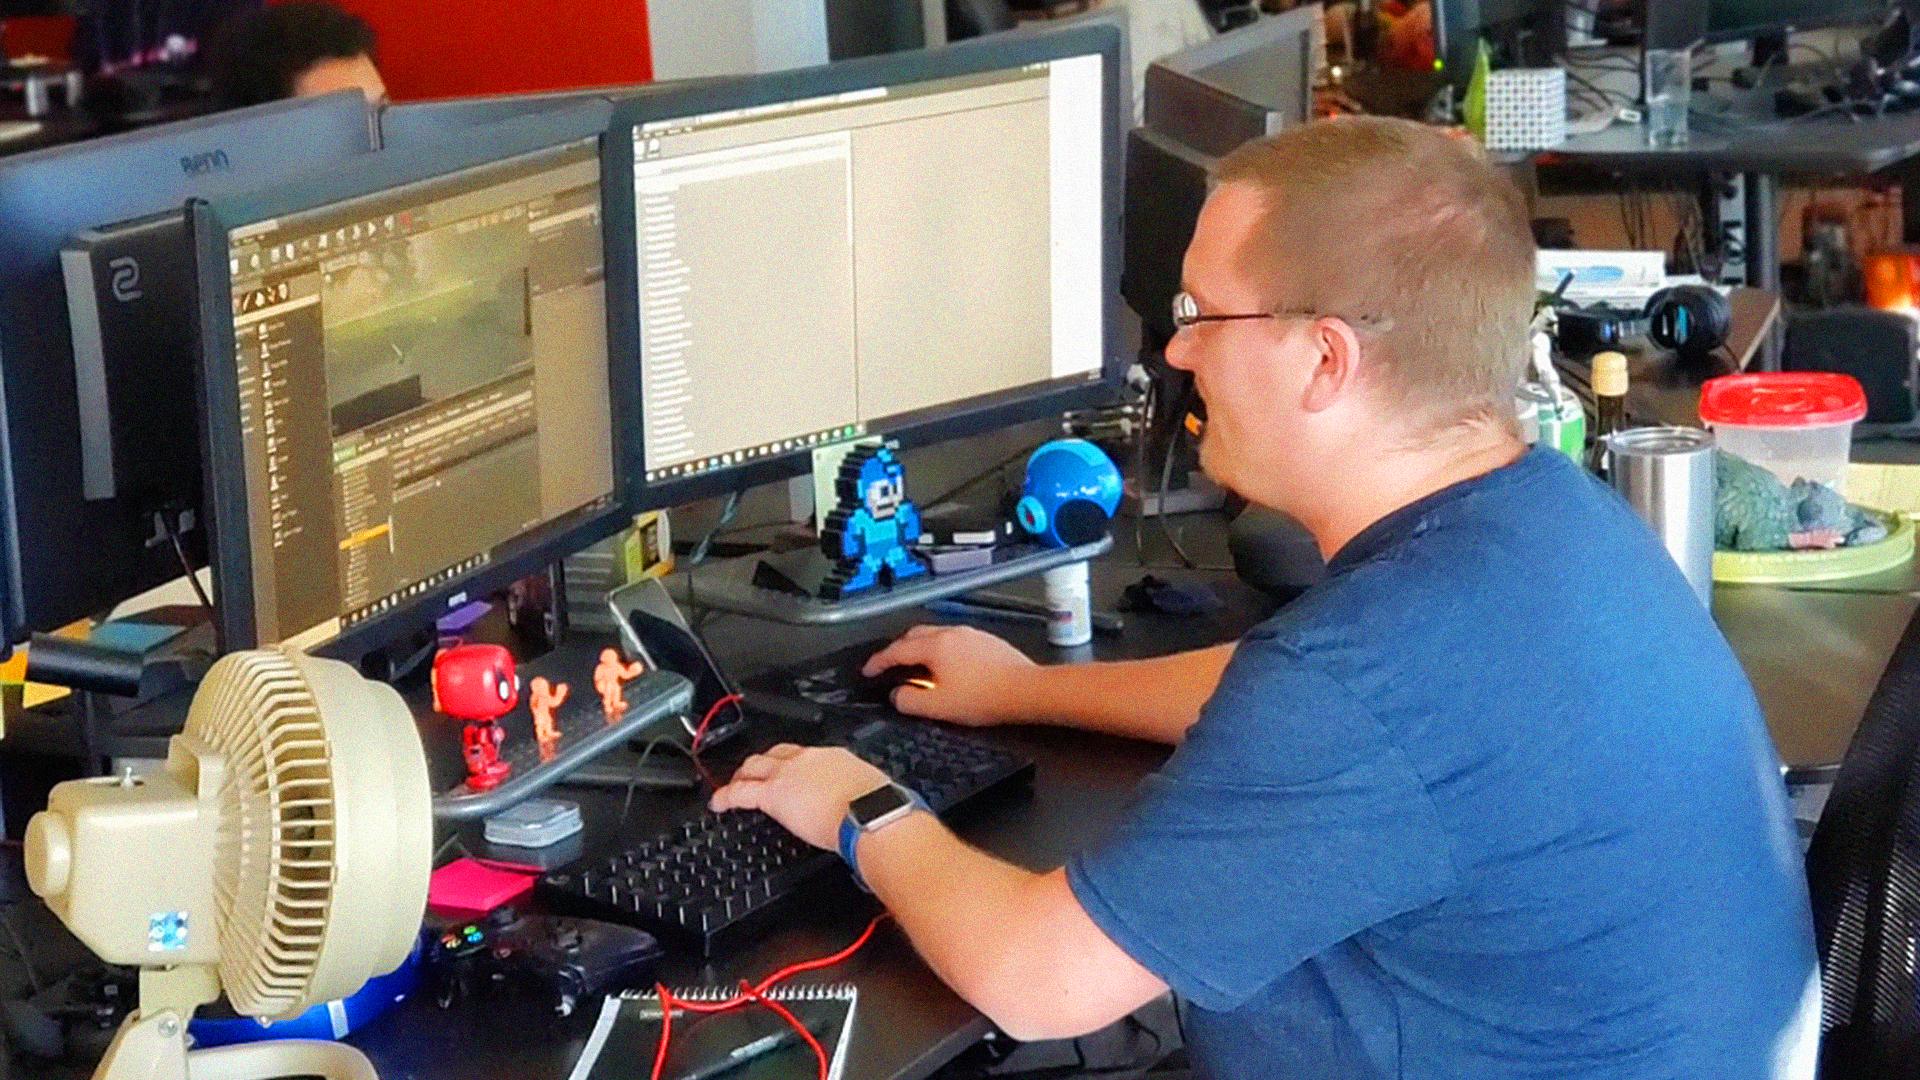 Как стать разработчиком игр - Интервью с работником из Gunfire Games. - Изображение 2